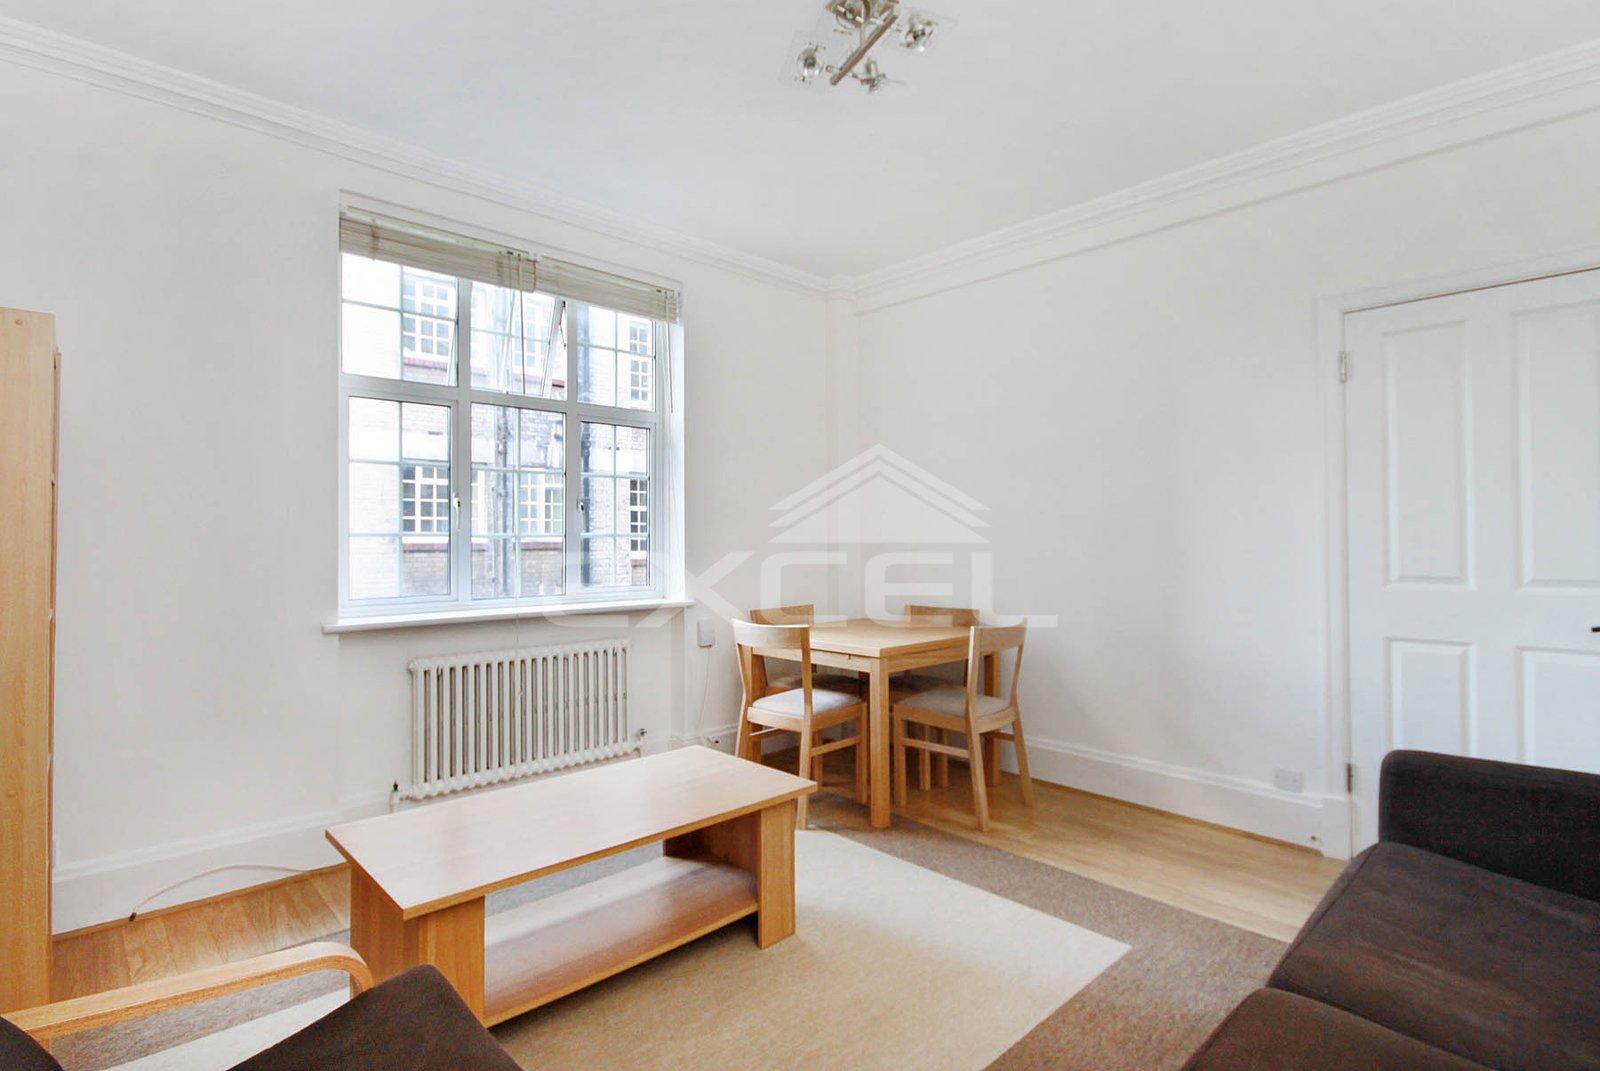 Flat Rent Kenton London